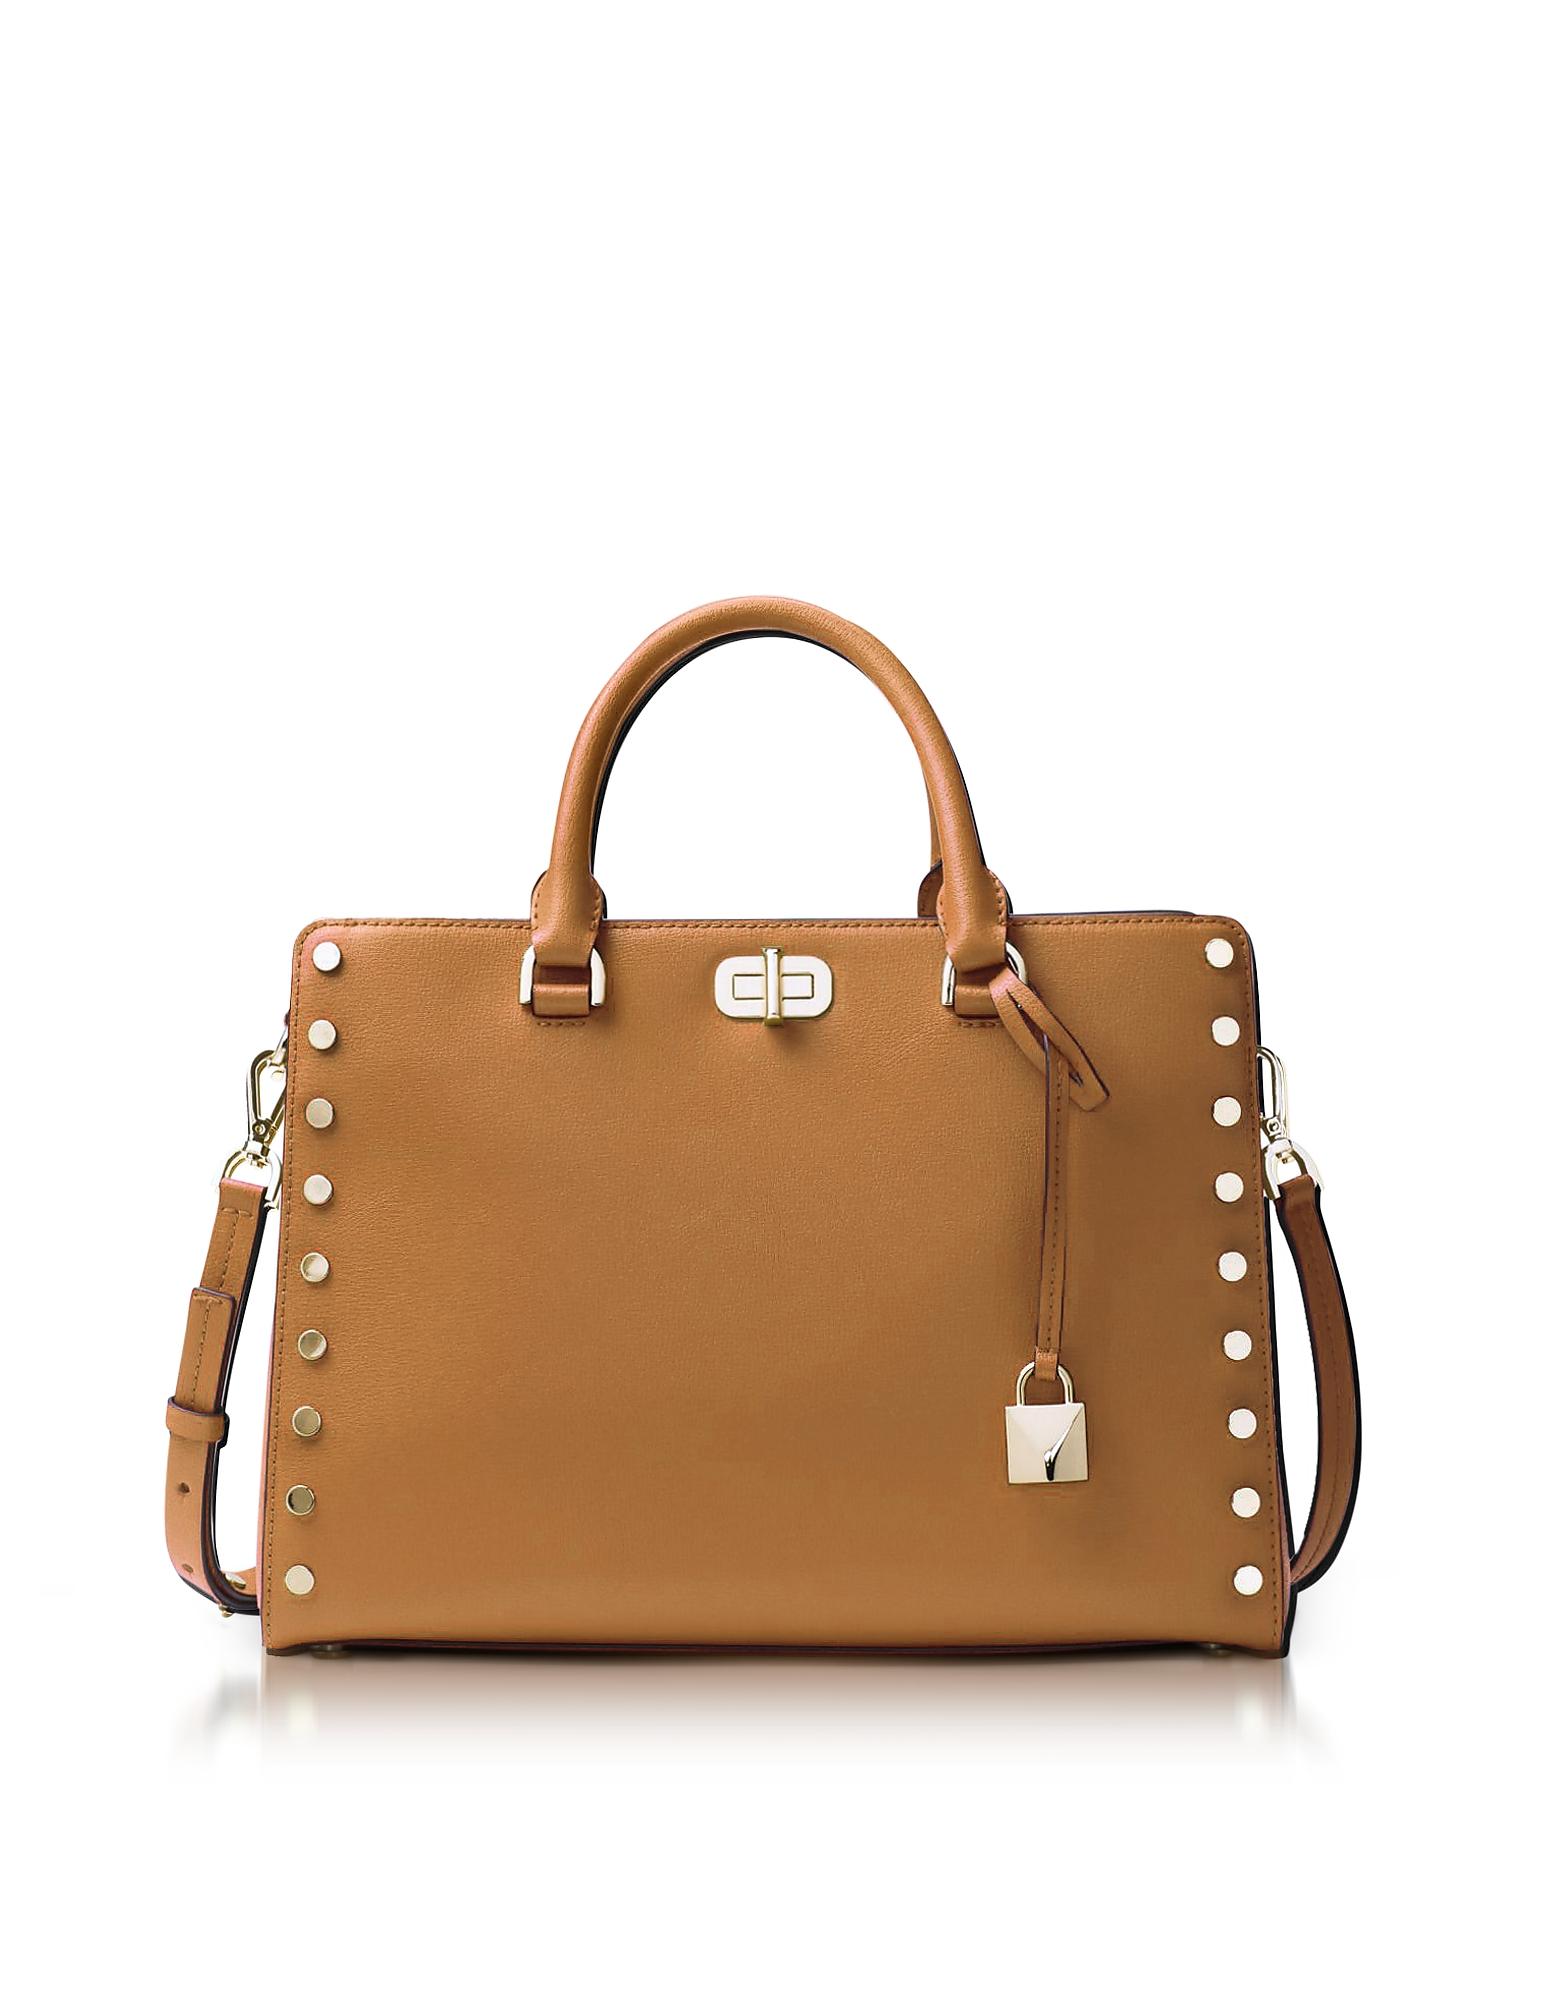 Michael Kors Handbags, Sylvie Stud Large Acorn Leather Satchel Bag